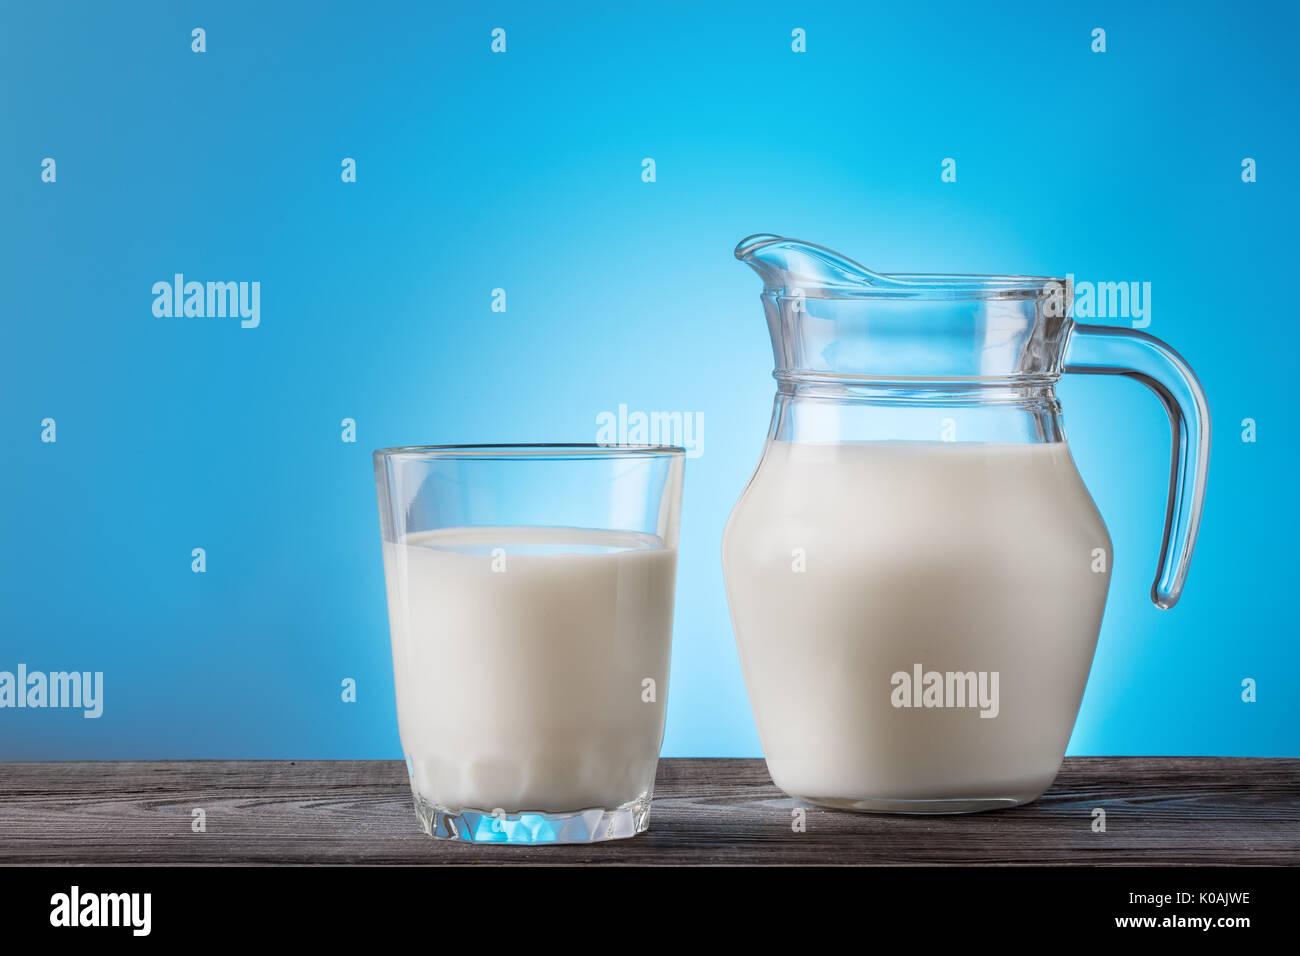 La leche en un vaso y jarra sobre una mesa de madera Imagen De Stock